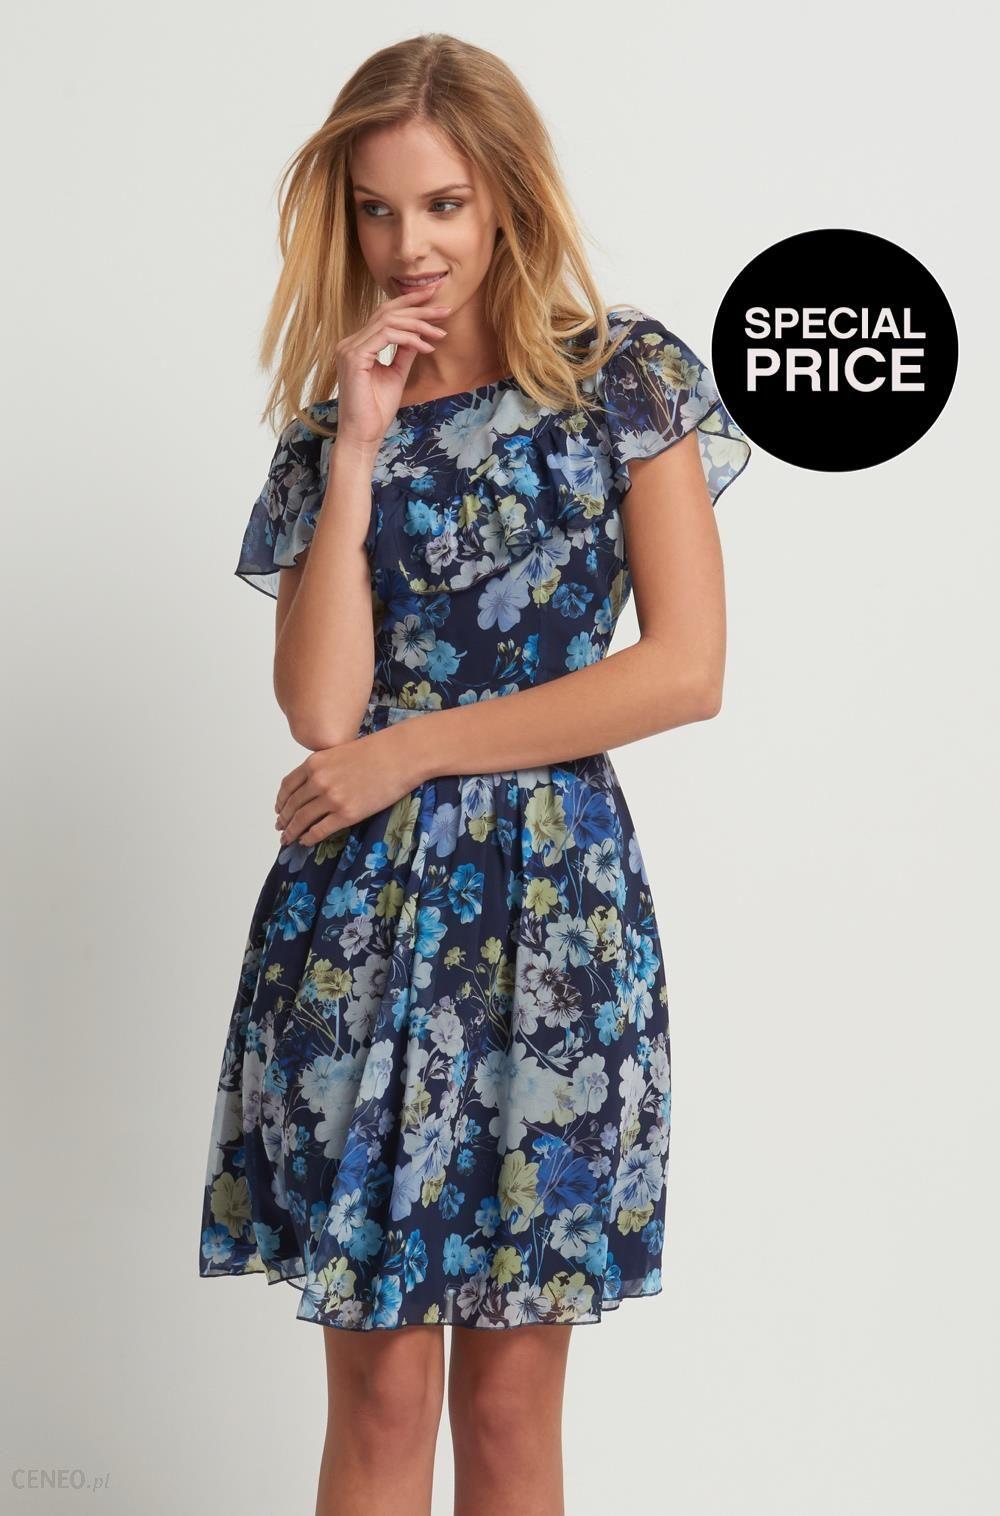 b3d1cec053a861 Orsay Szyfonowa sukienka w kwiaty - Ceny i opinie - Ceneo.pl